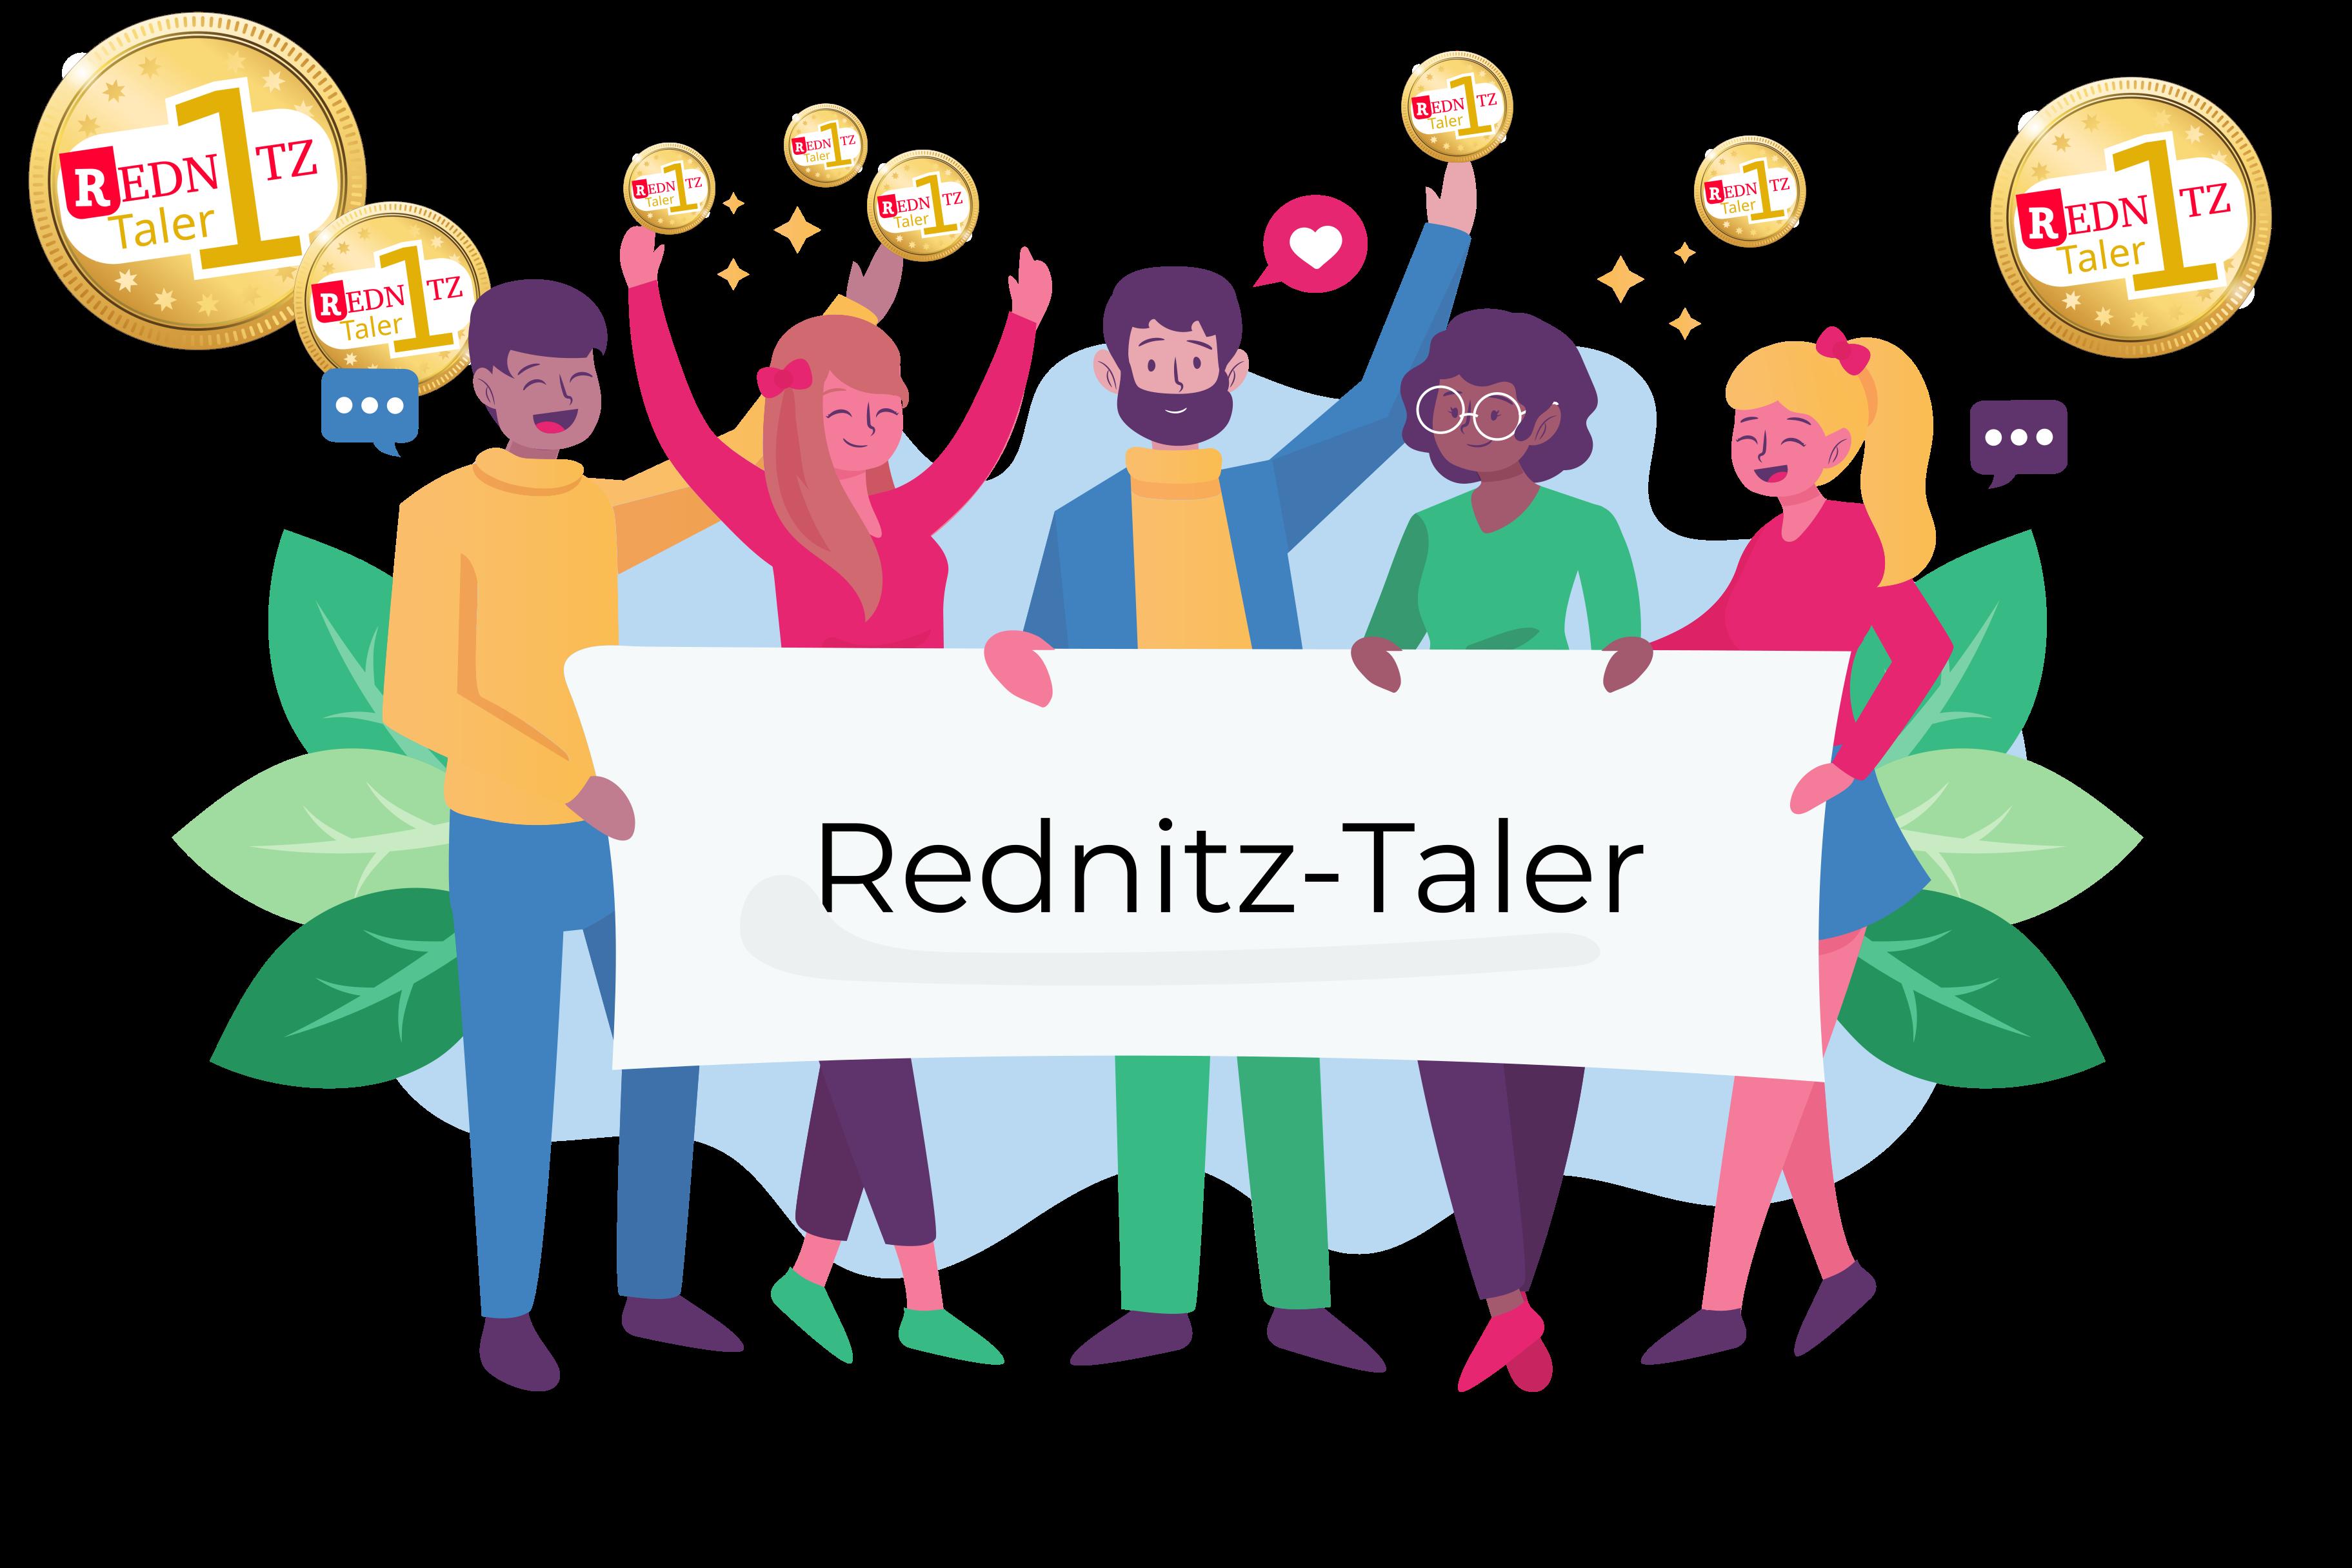 Rednitz-Taler